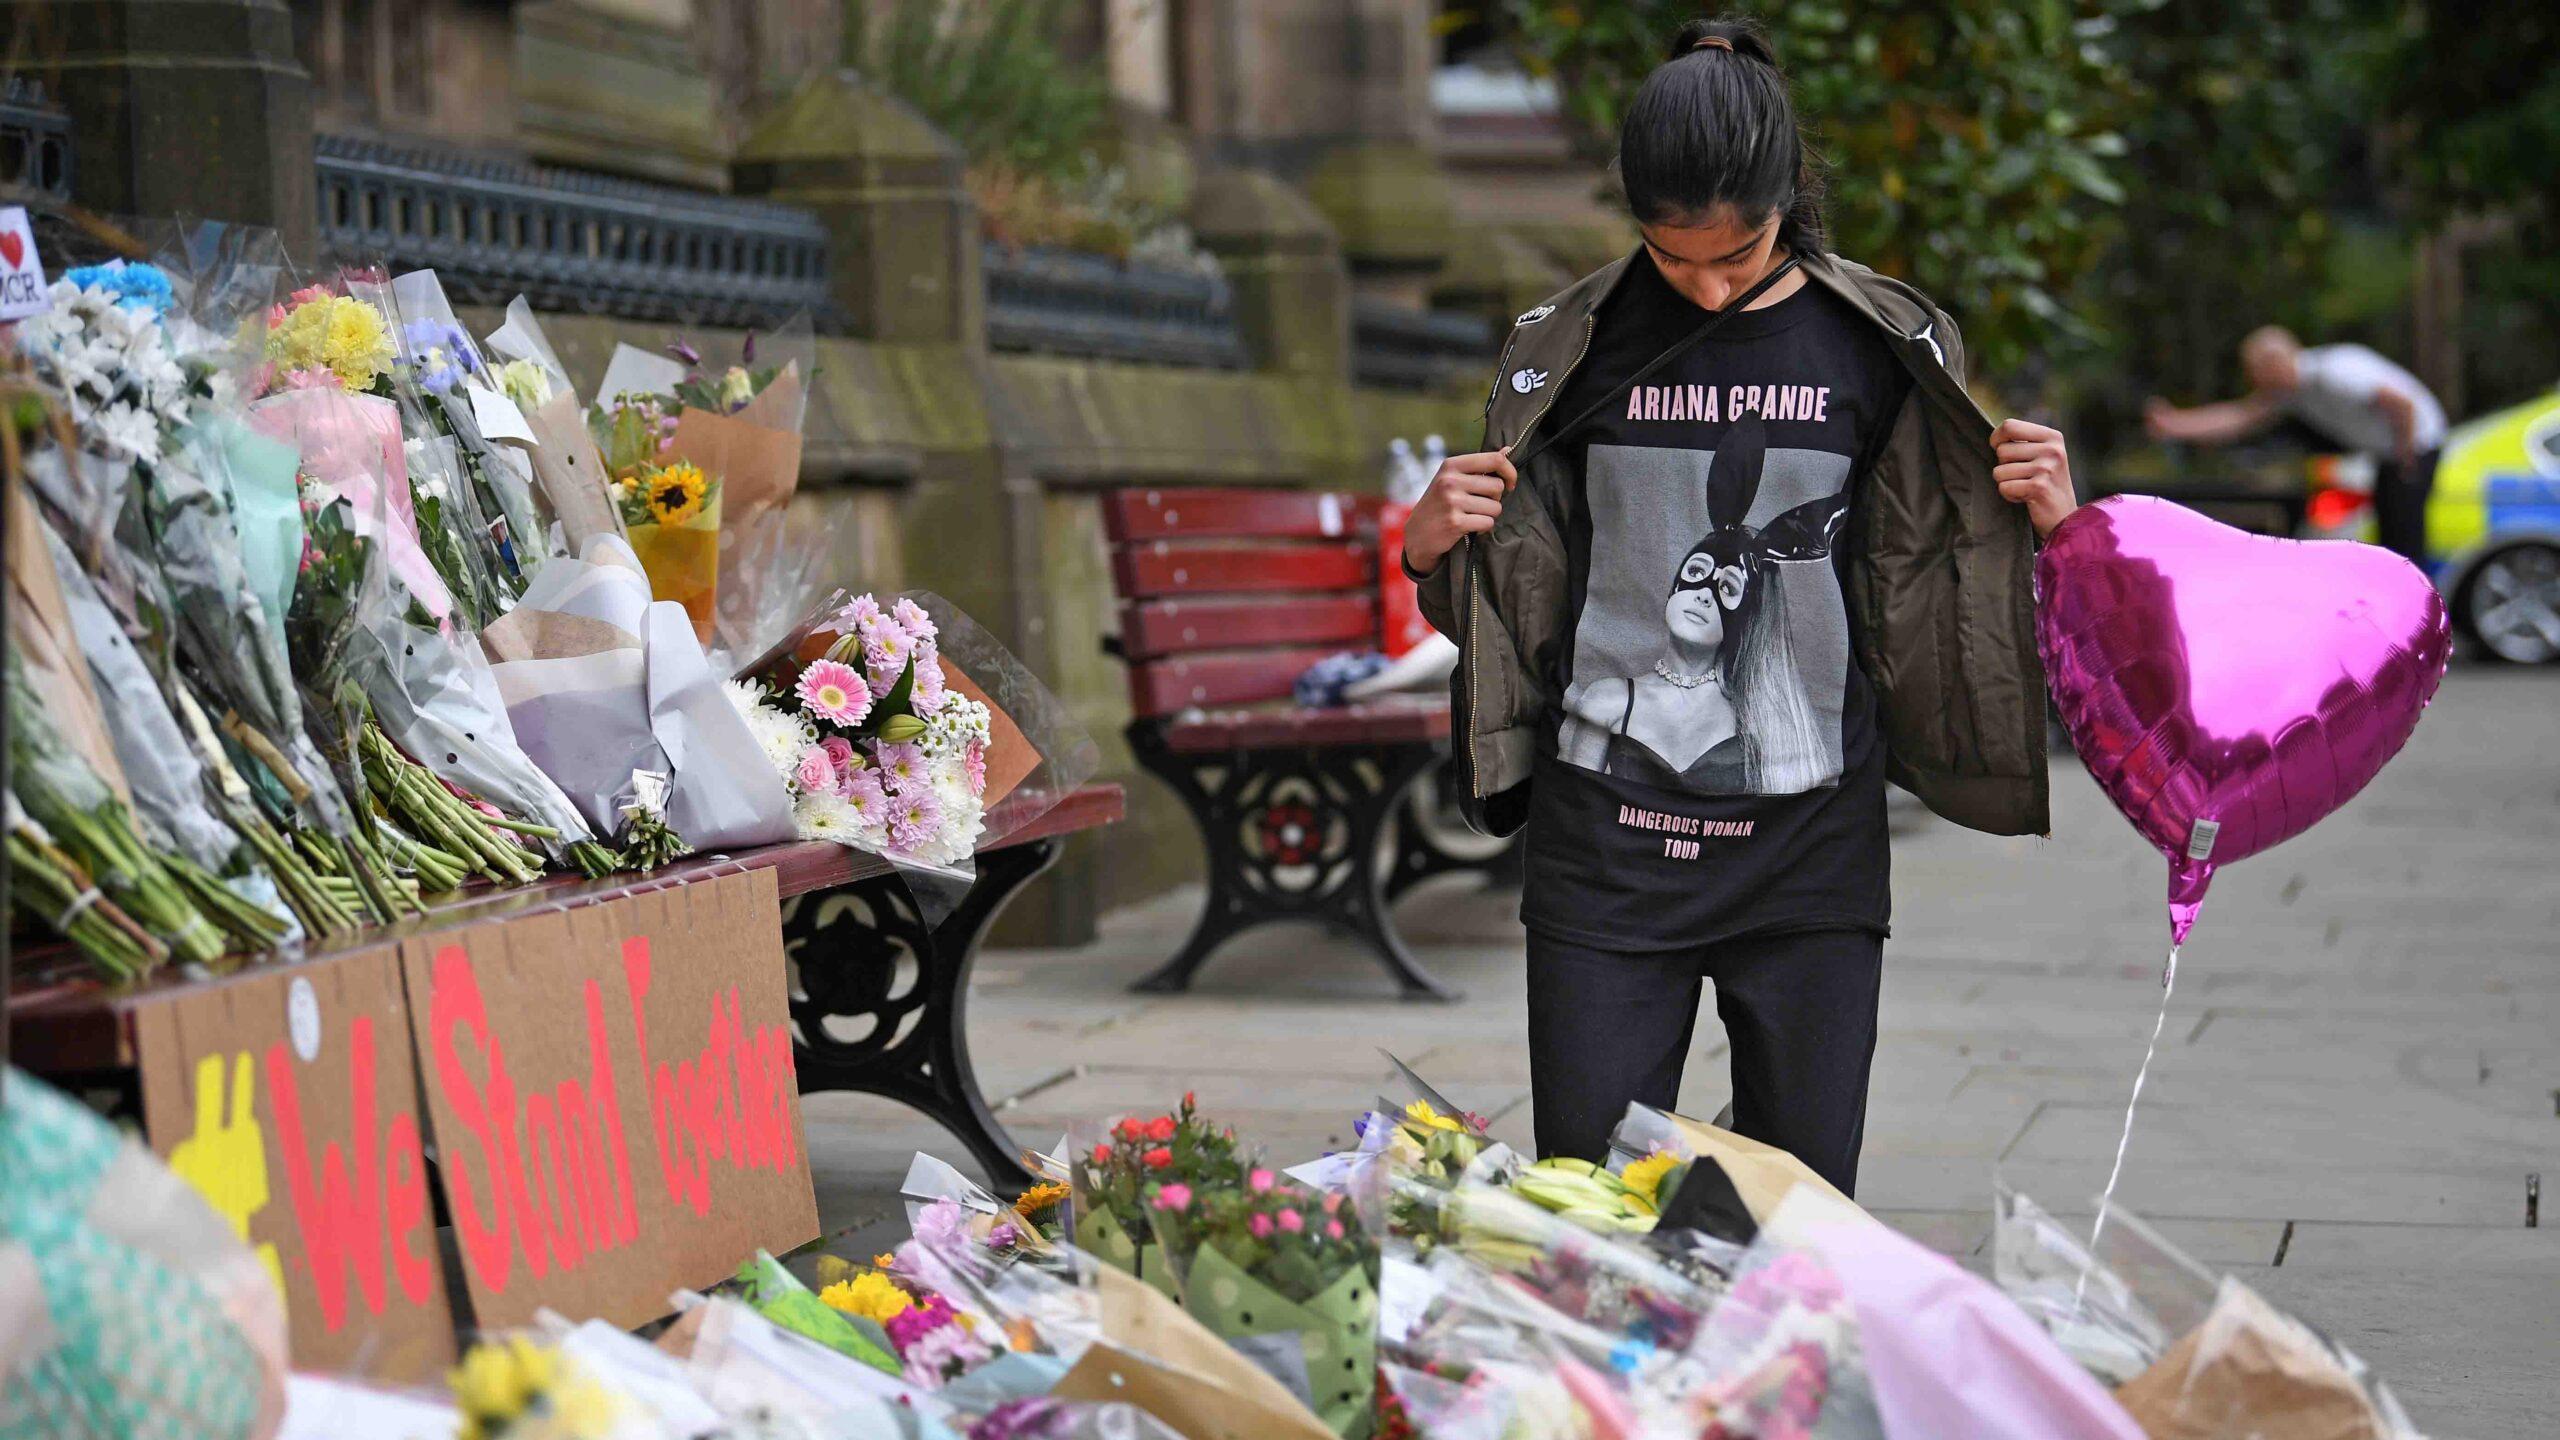 Condenan a coautor de mortal atentado tras concierto de Ariana Grande en Manchester 5